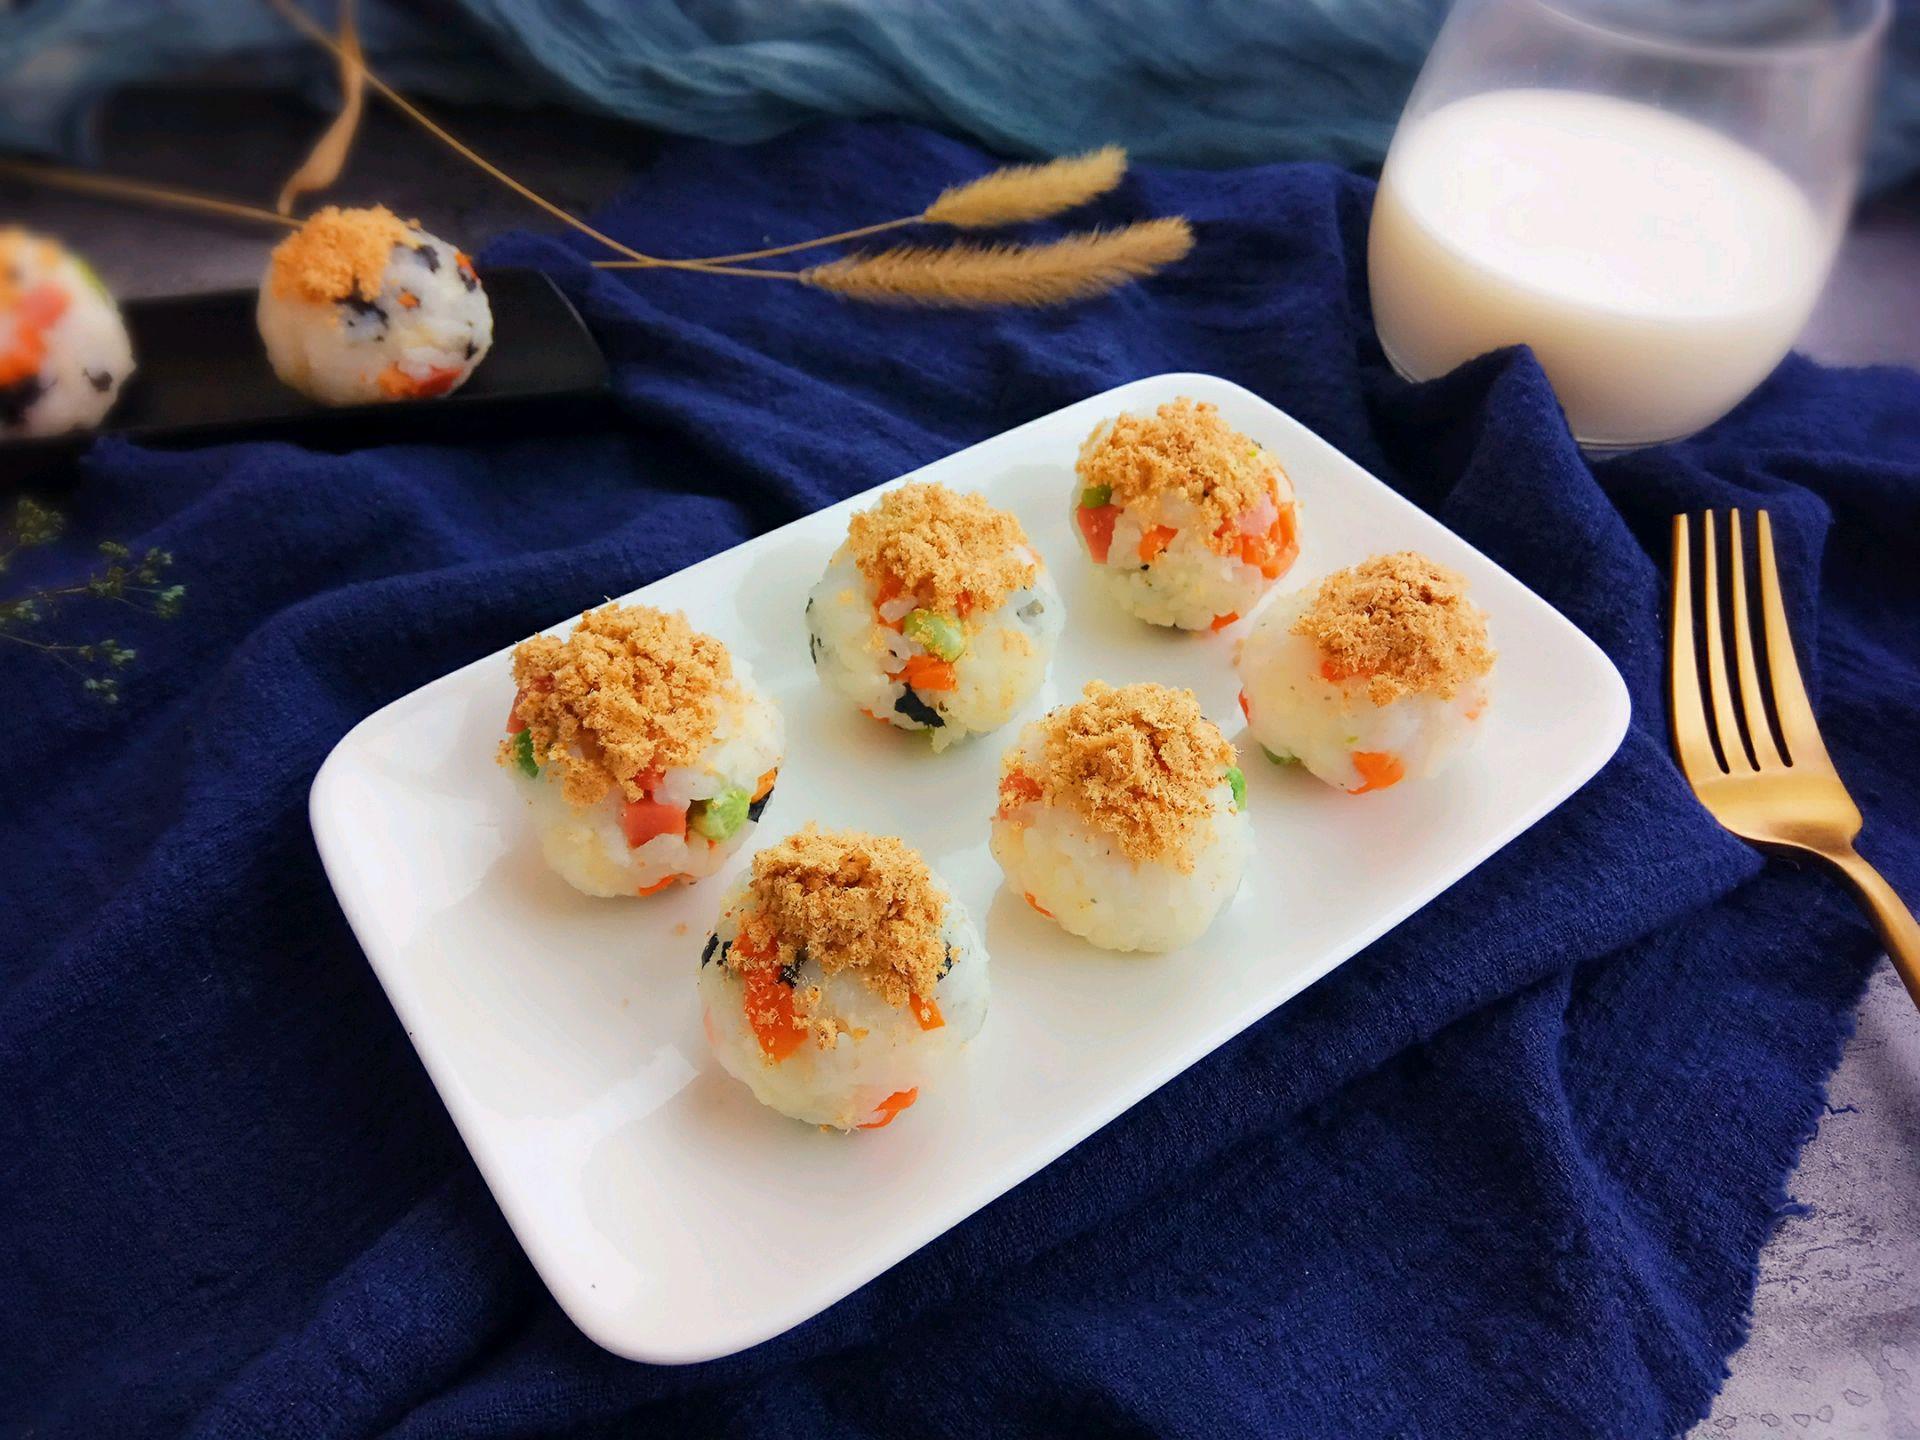 海苔肉松饭团